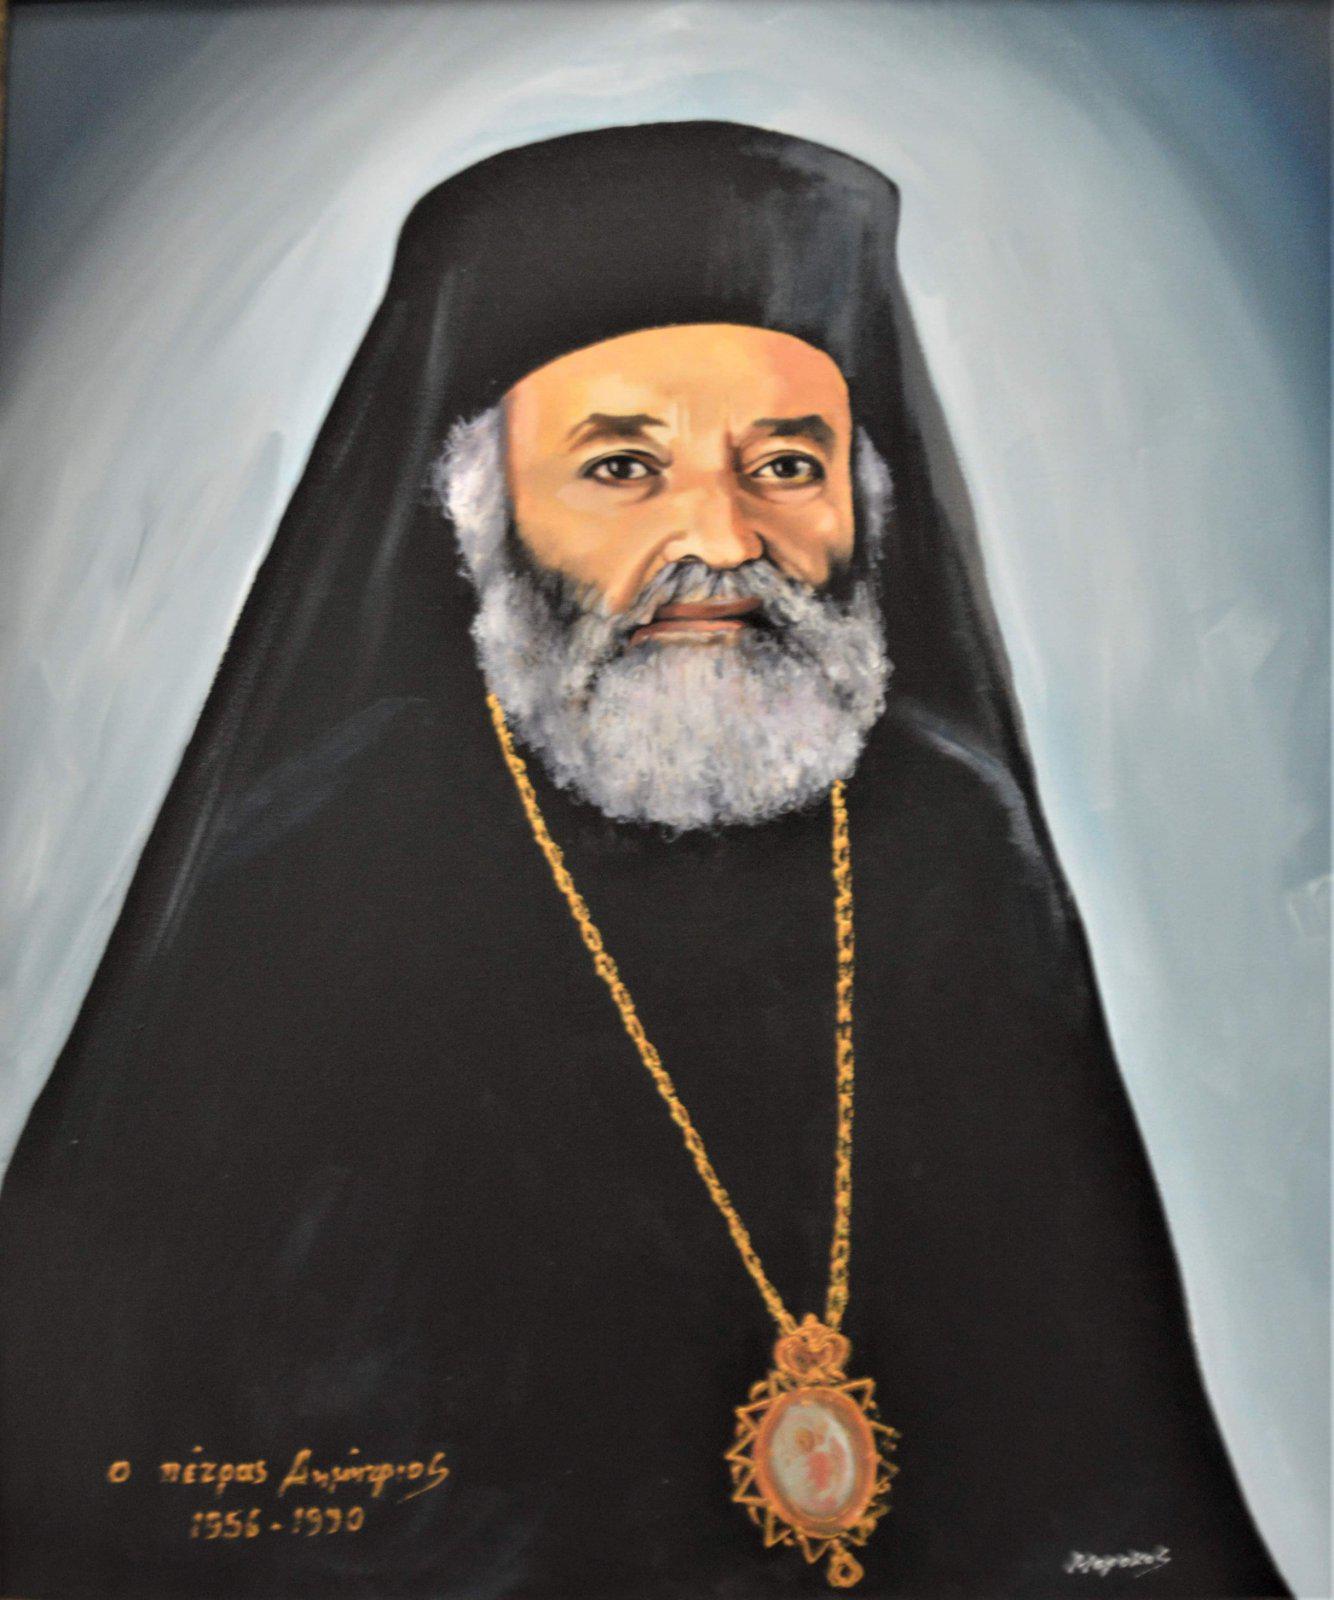 Ο Πέτρας Δημήτριος Τριάντα χρόνια από την εκδημία του